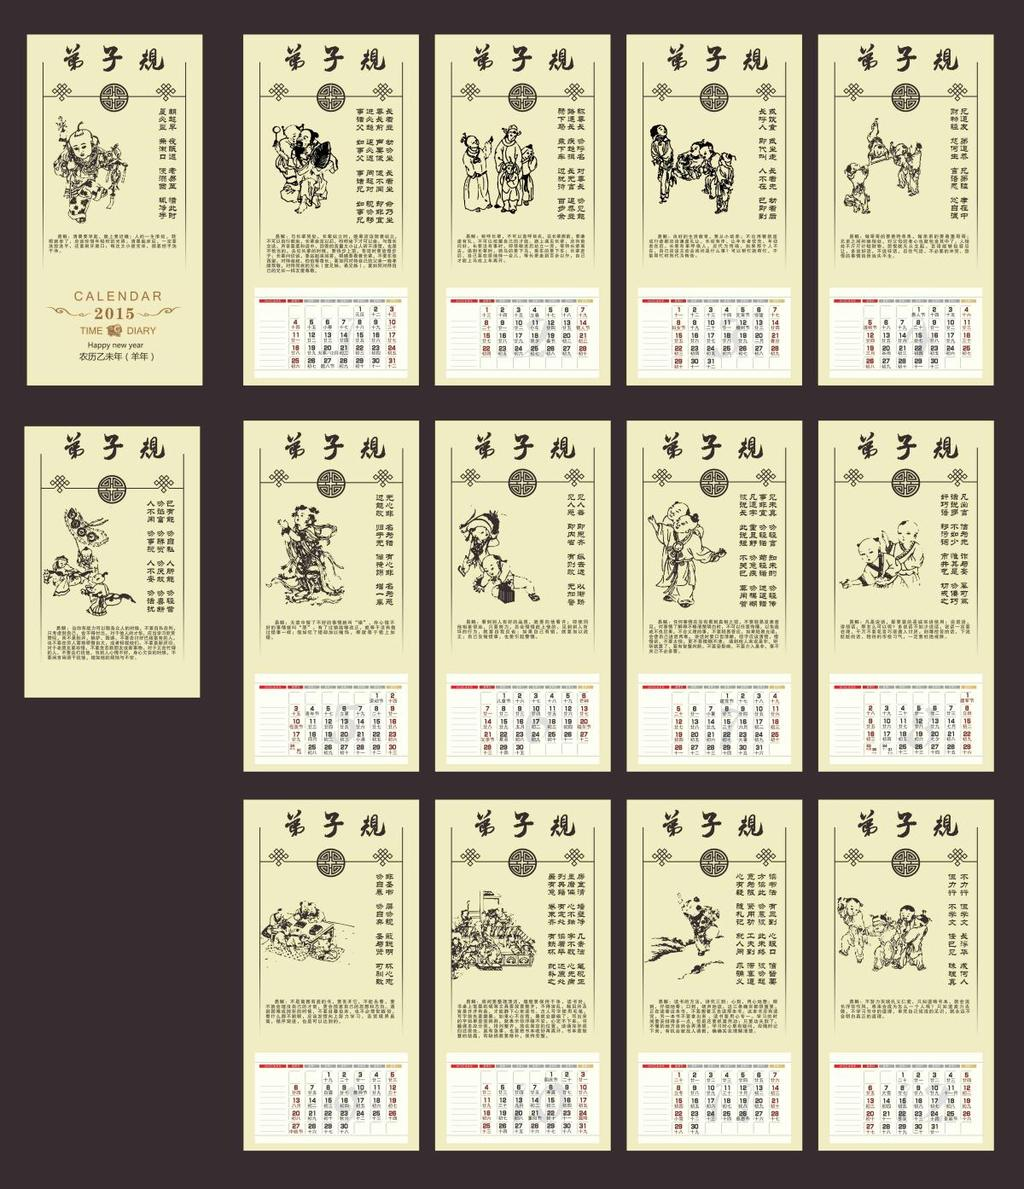 日历 国历 月历图片